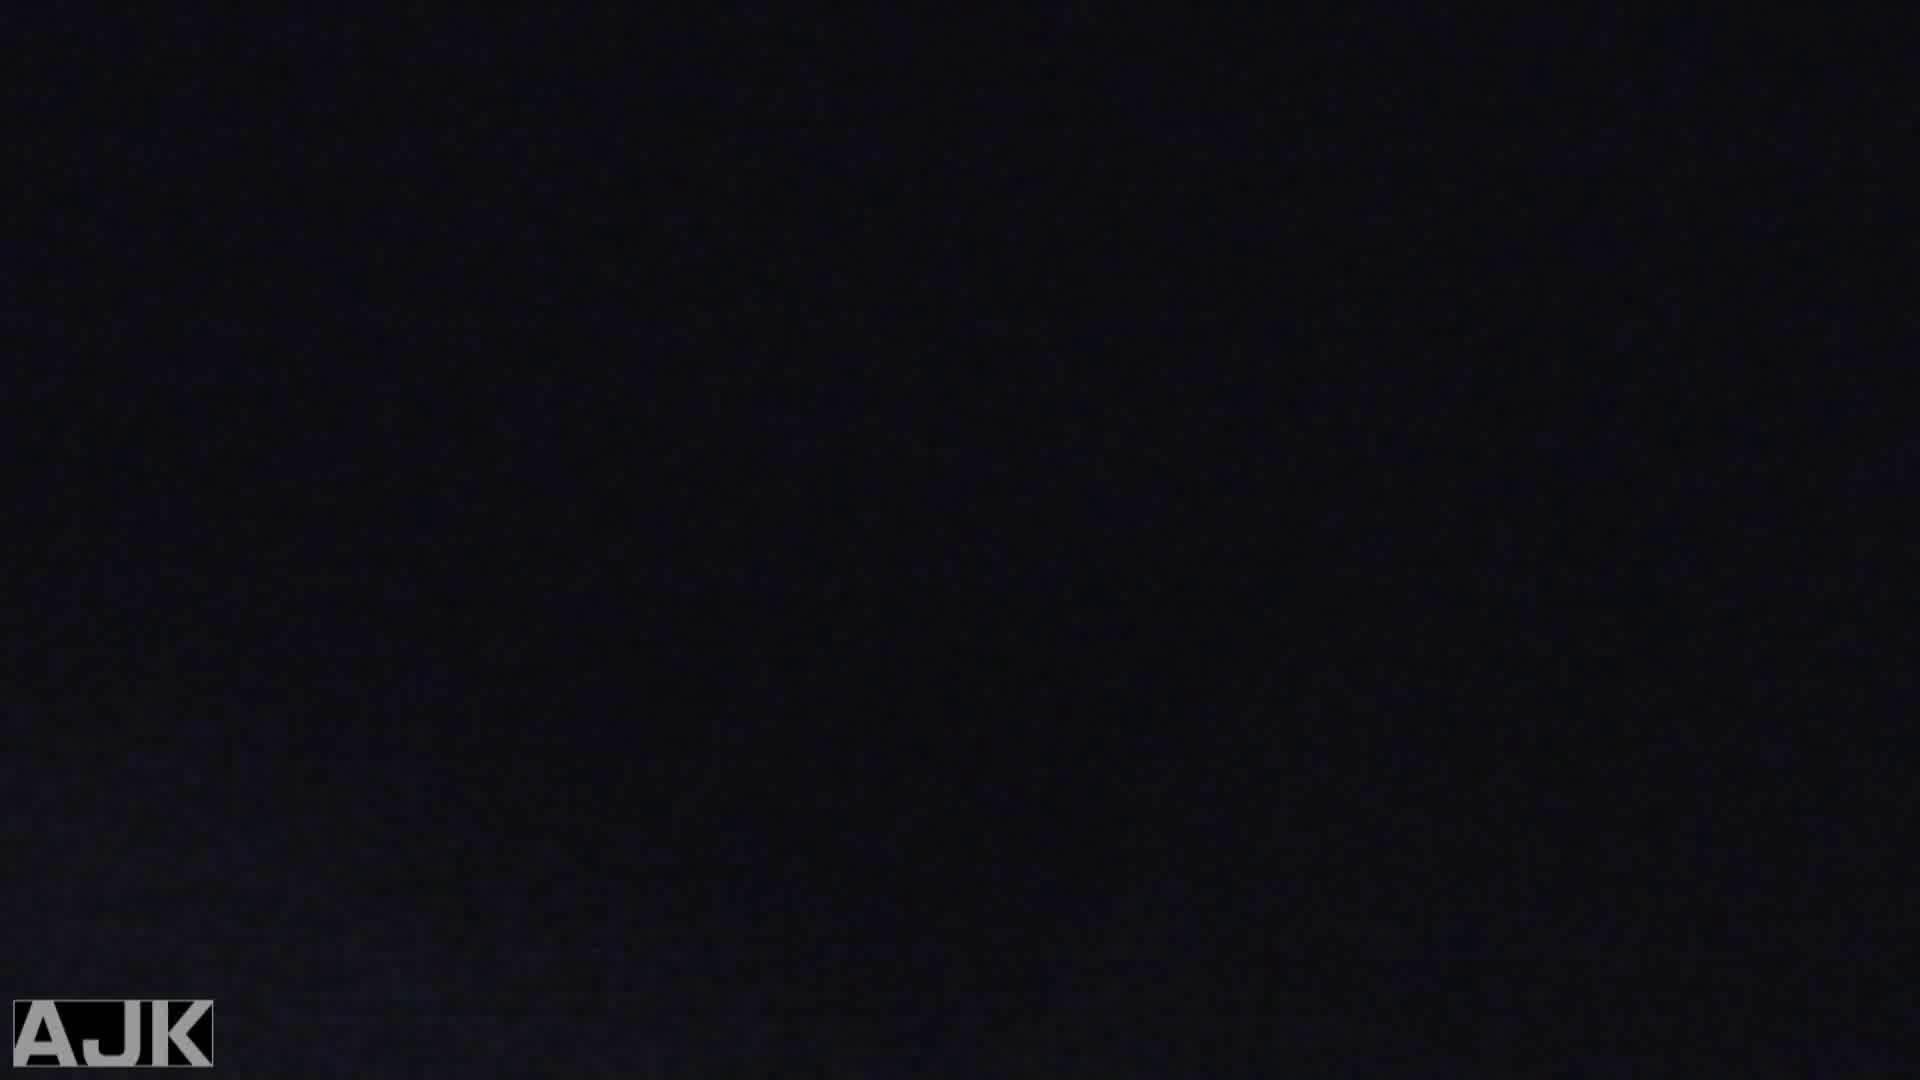 神降臨!史上最強の潜入かわや! vol.22 OLすけべ画像 AV無料 56連発 44